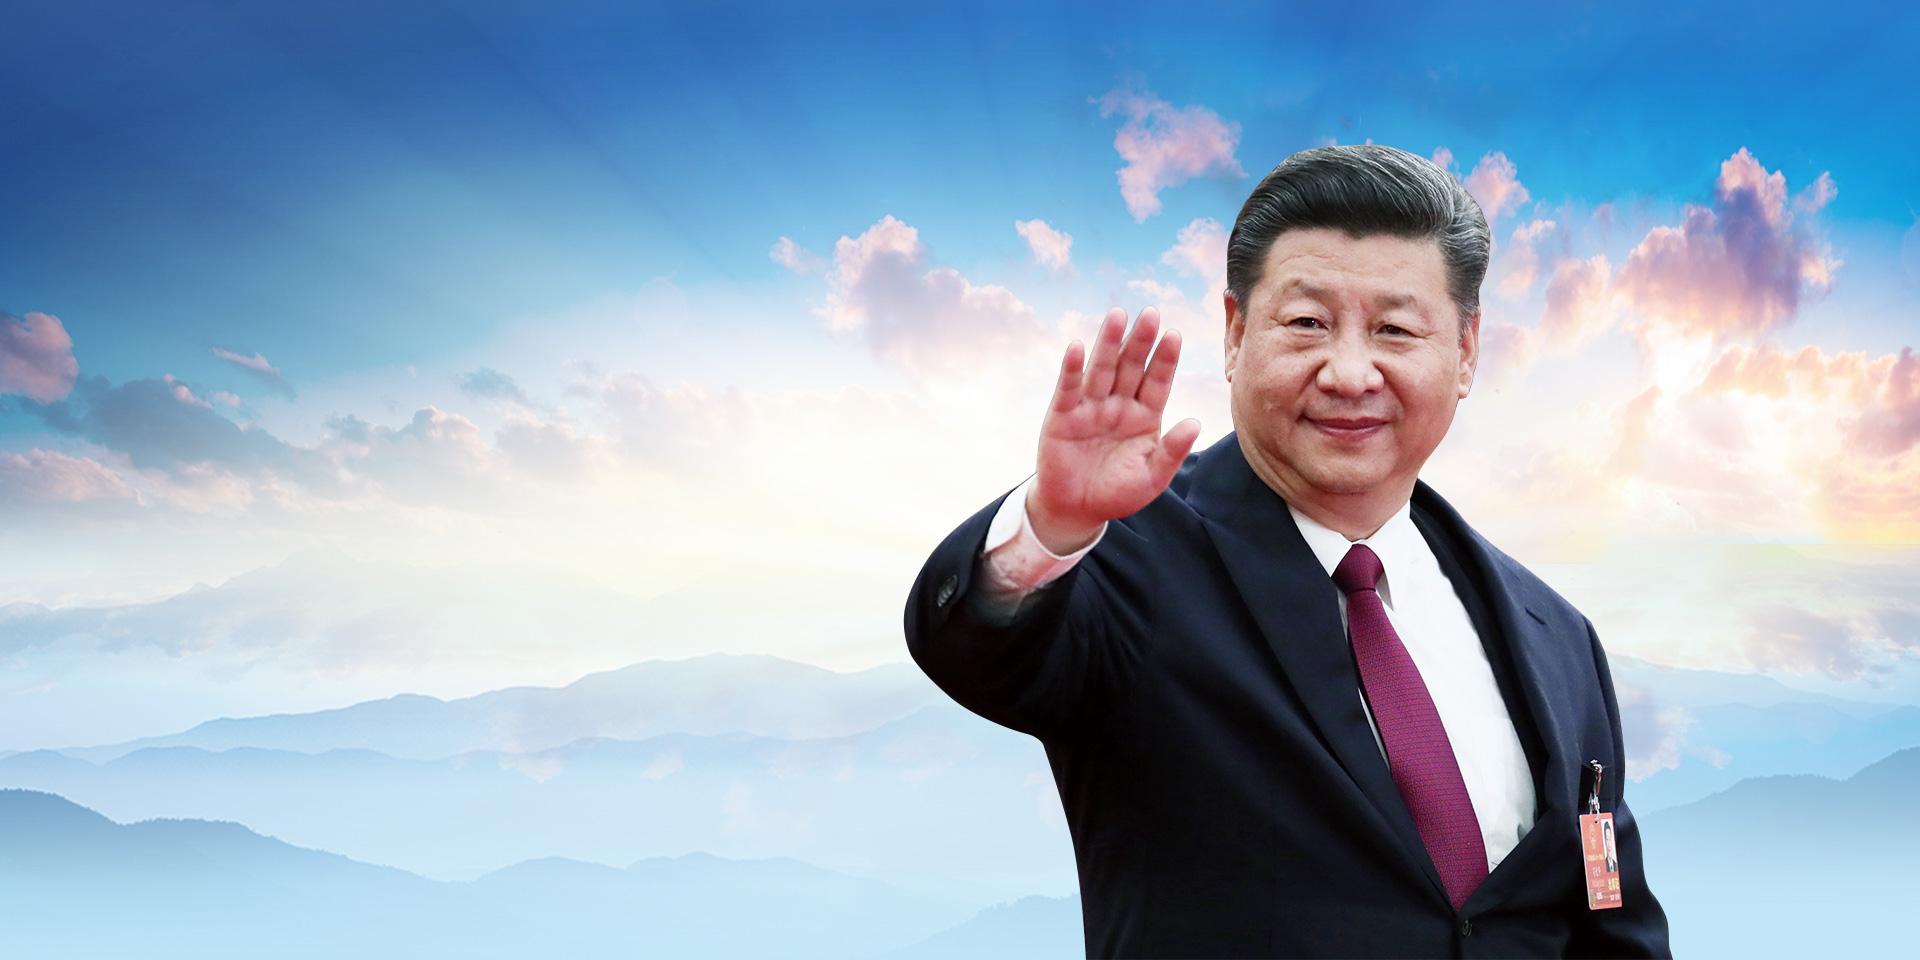 只有中国特色社会主义才能发展中国。